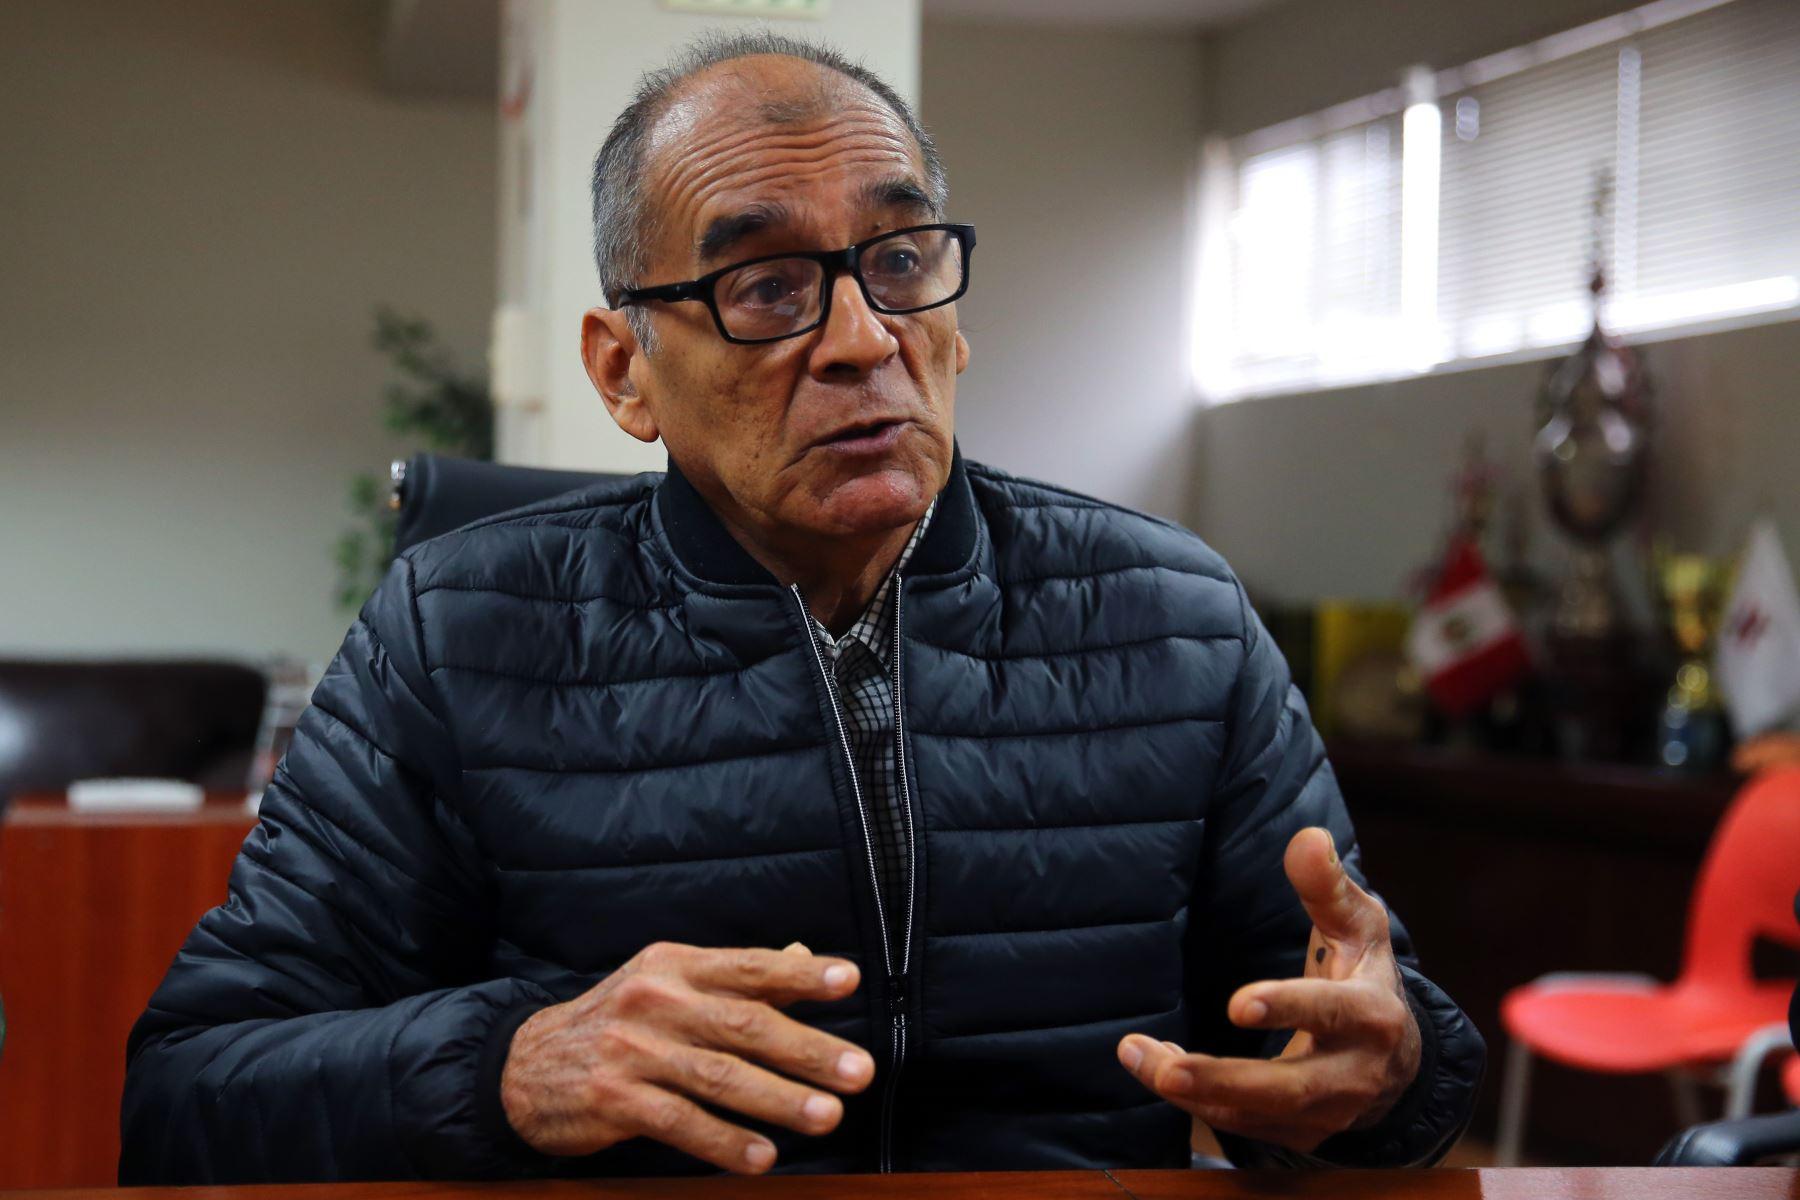 Ambientalista Víctor Zambrano postula a premio internacional Tulipán sobre Derechos Humanos que otorga el gobierno de Países Bajos (Holanda). ANDINA/Vidal Tarqui